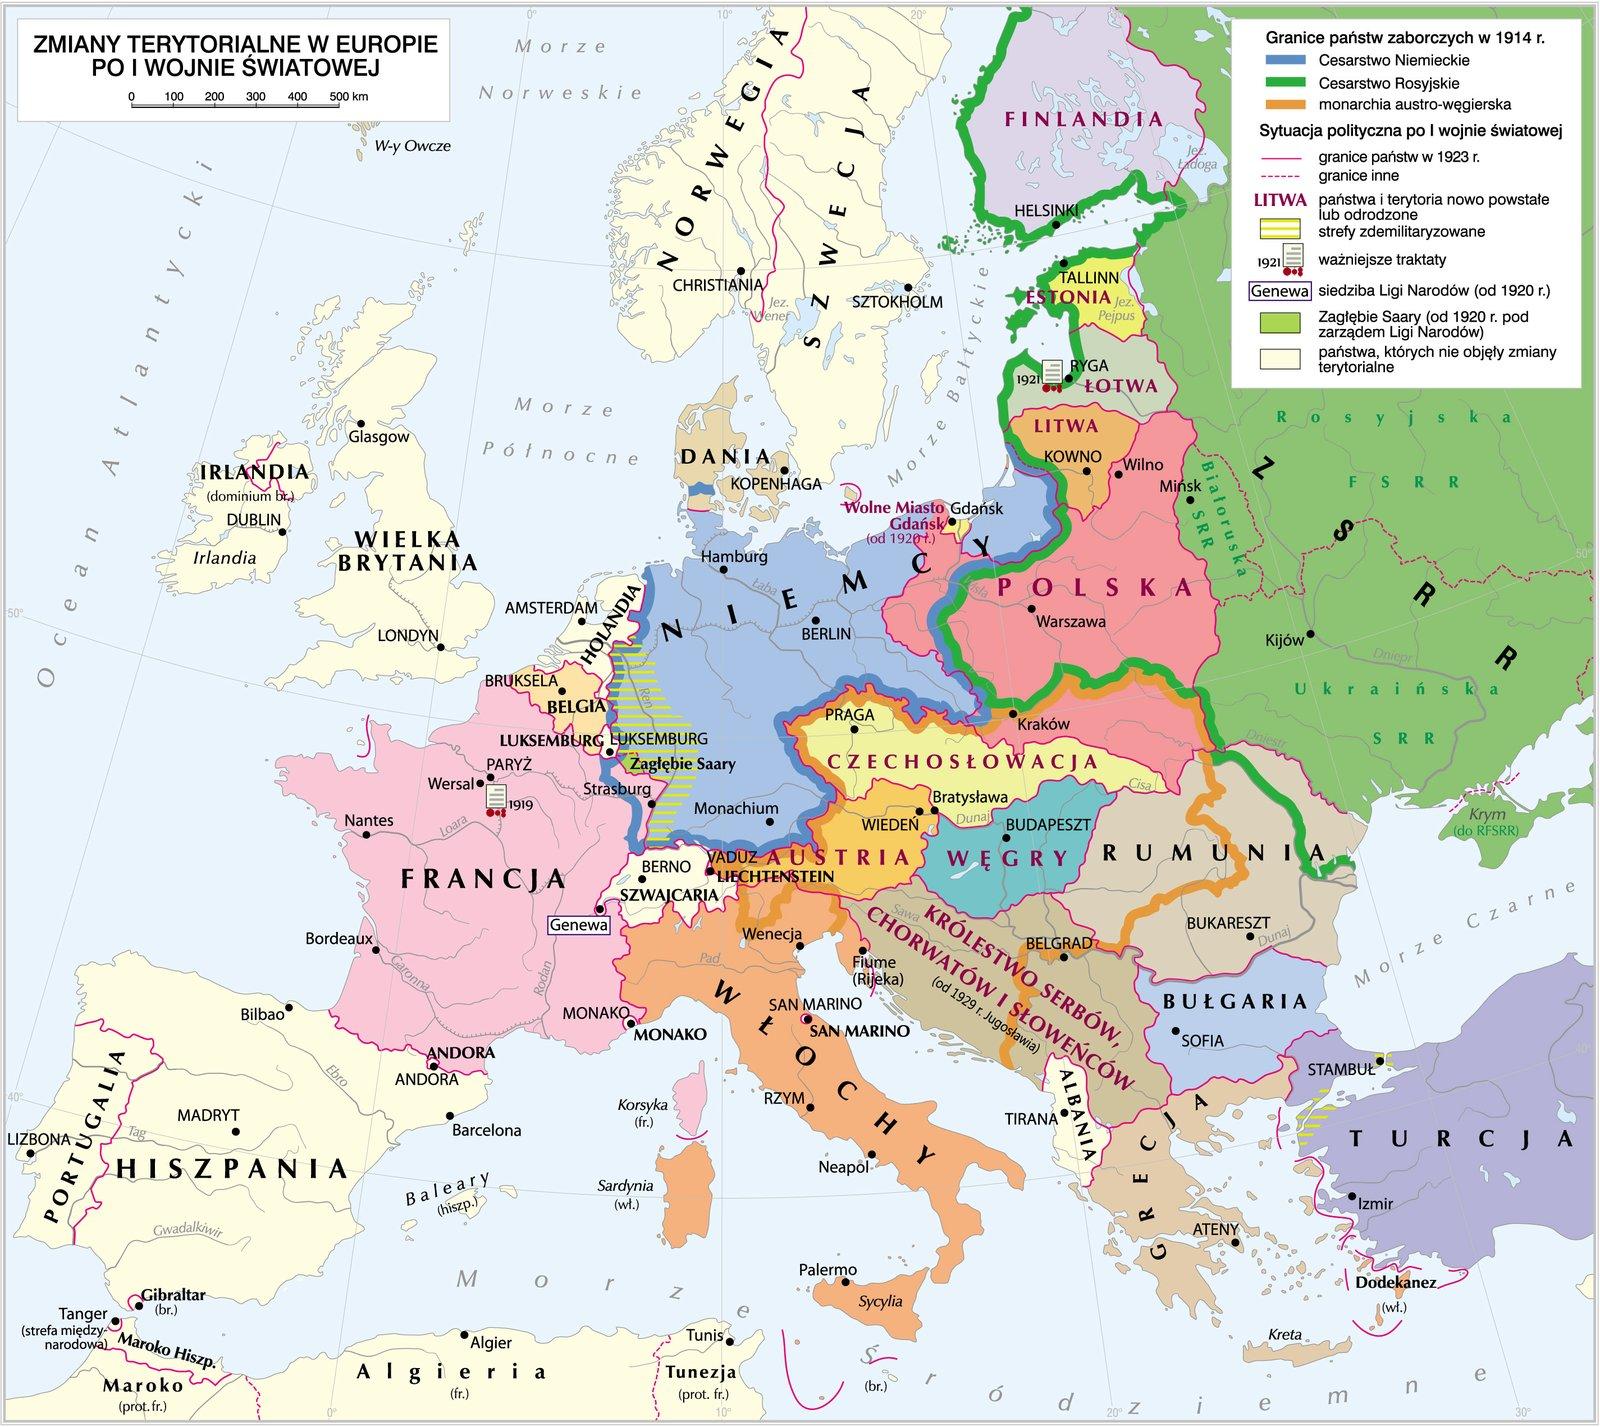 Europa po Iwojnie światowej Europa po Iwojnie światowej Źródło: Krystian Chariza izespół, licencja: CC BY 3.0.